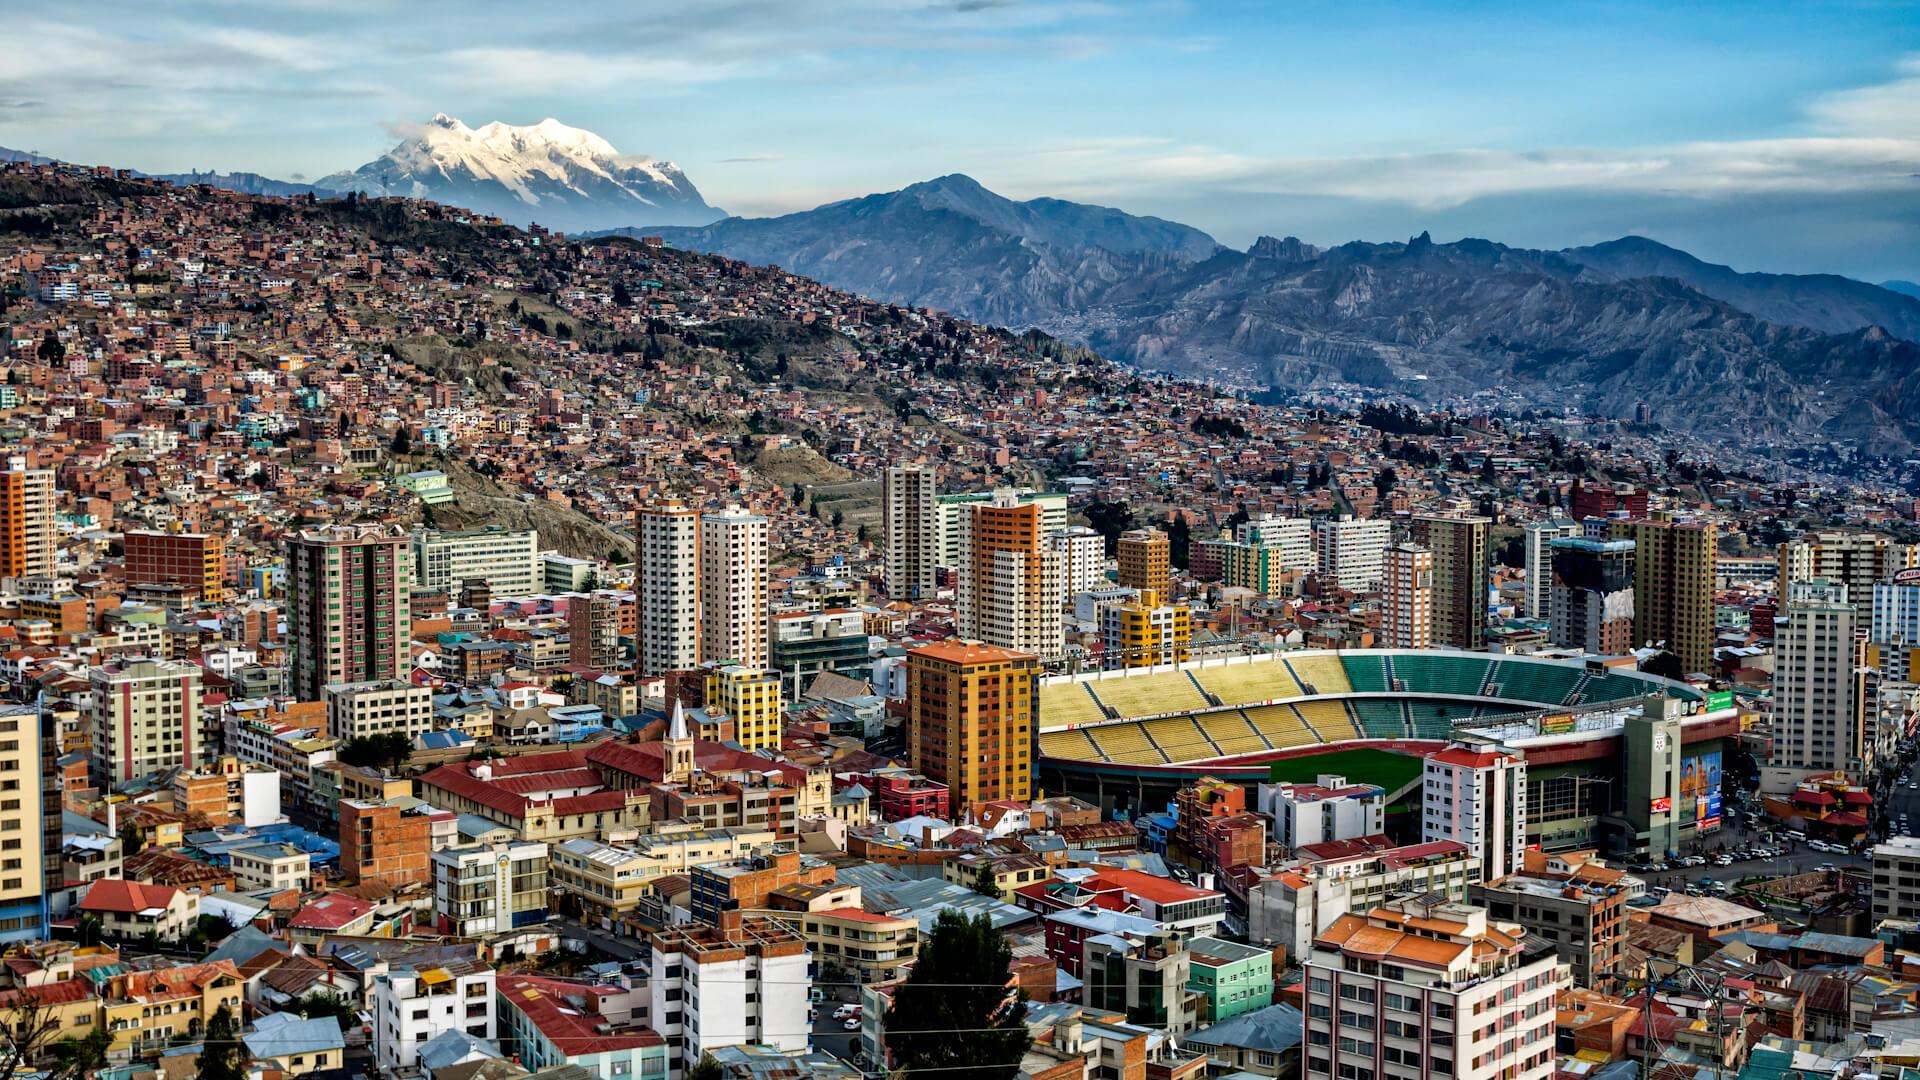 La Paz, ville étourdissante de Bolivie